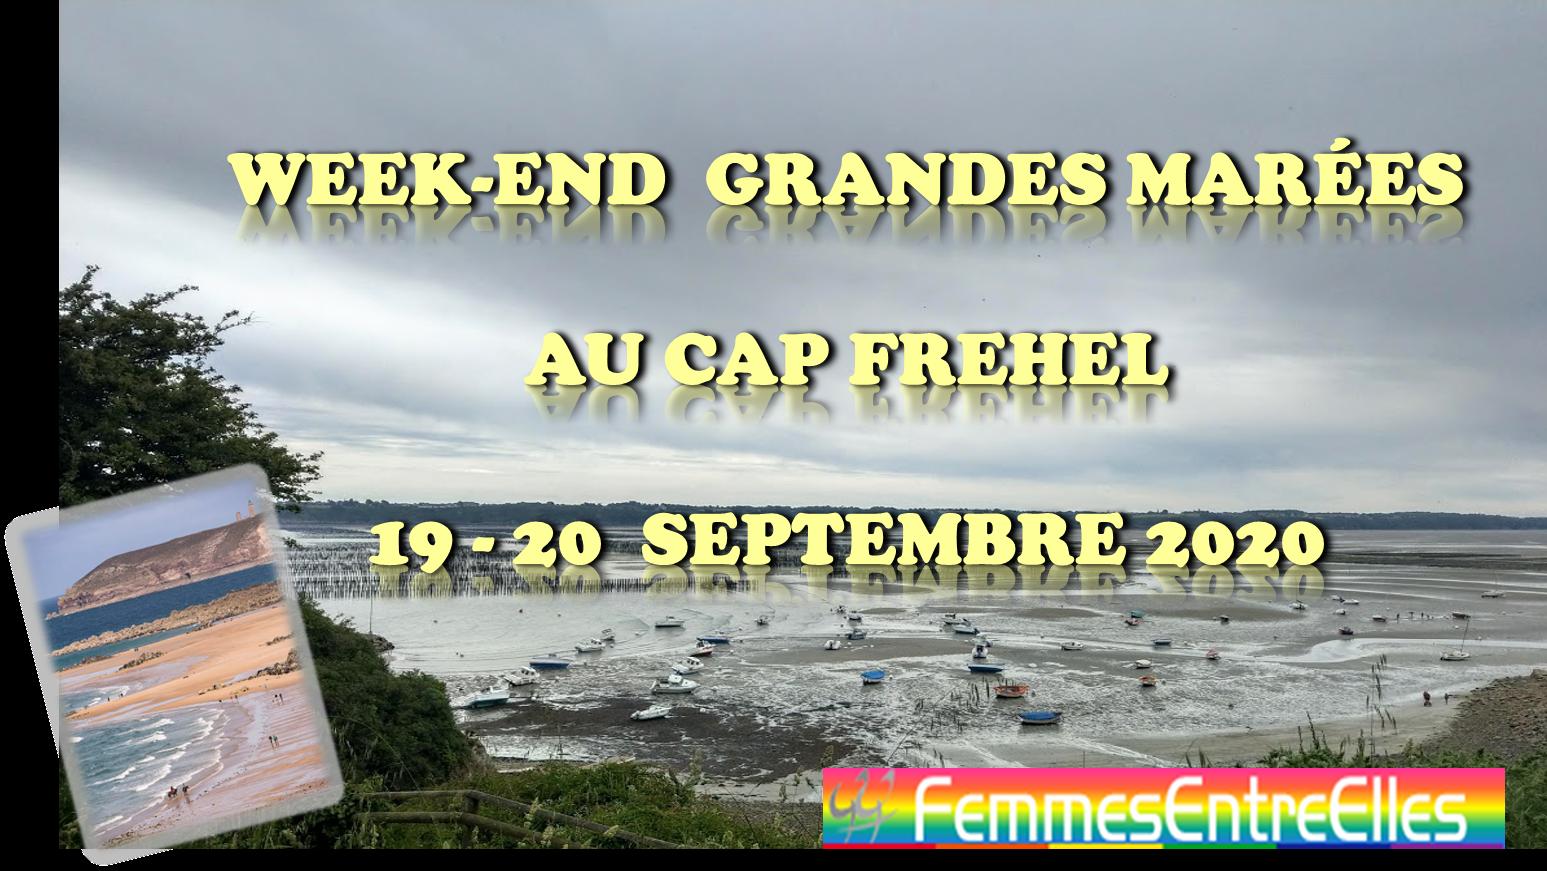 Week-end grandes marées au cap Frehel les 19 & 20 Septembre 2020